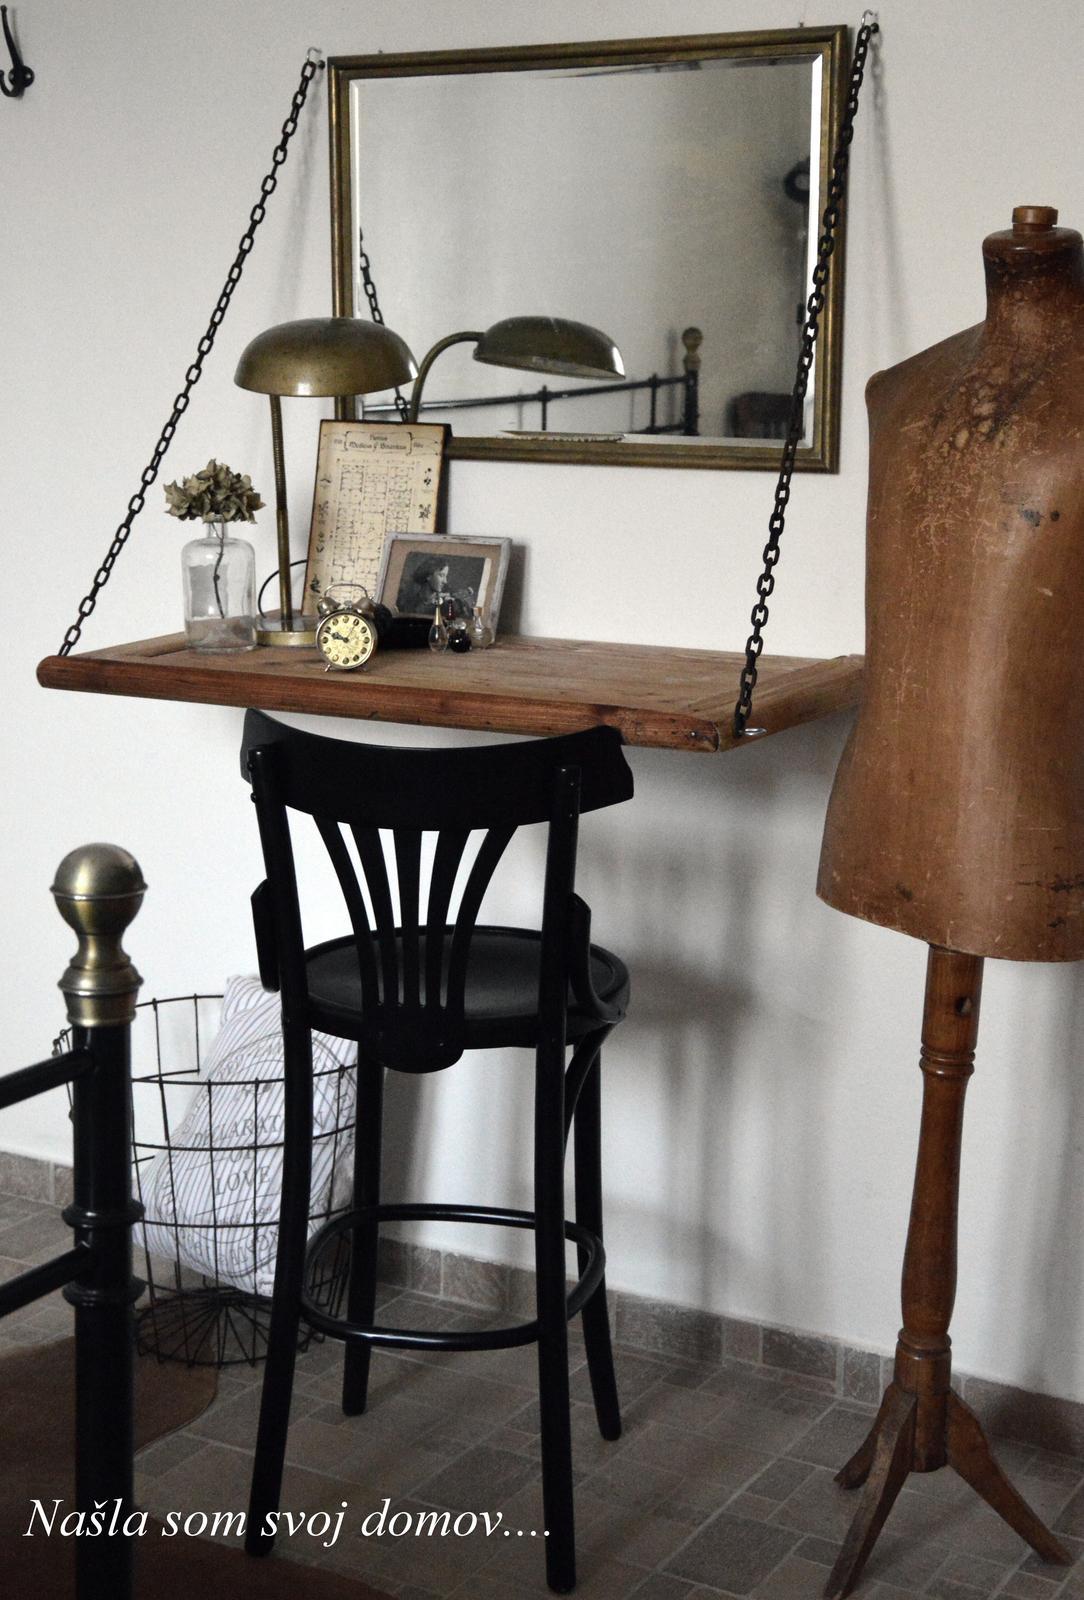 Home sweet home...... - ...toaletný stolík čo by sa nám hodil do spálne sme nezohnali...tak sme si ho vyrobili :-)